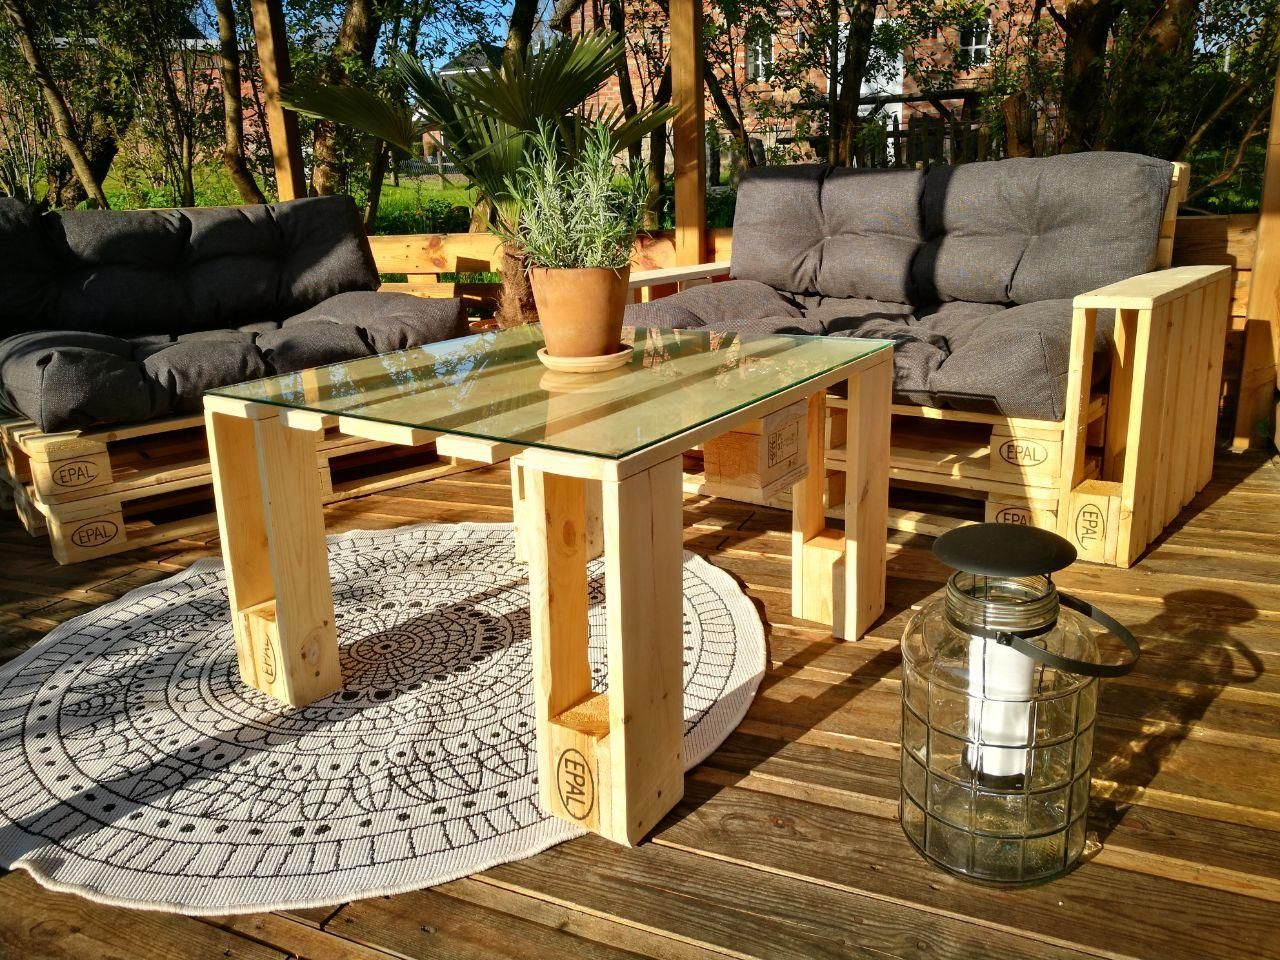 ᐅ Paletten Lounge Bauen Kaufen Palettenmöbel Shop Paletten Lounge Palletten Möbel Paletten Garten